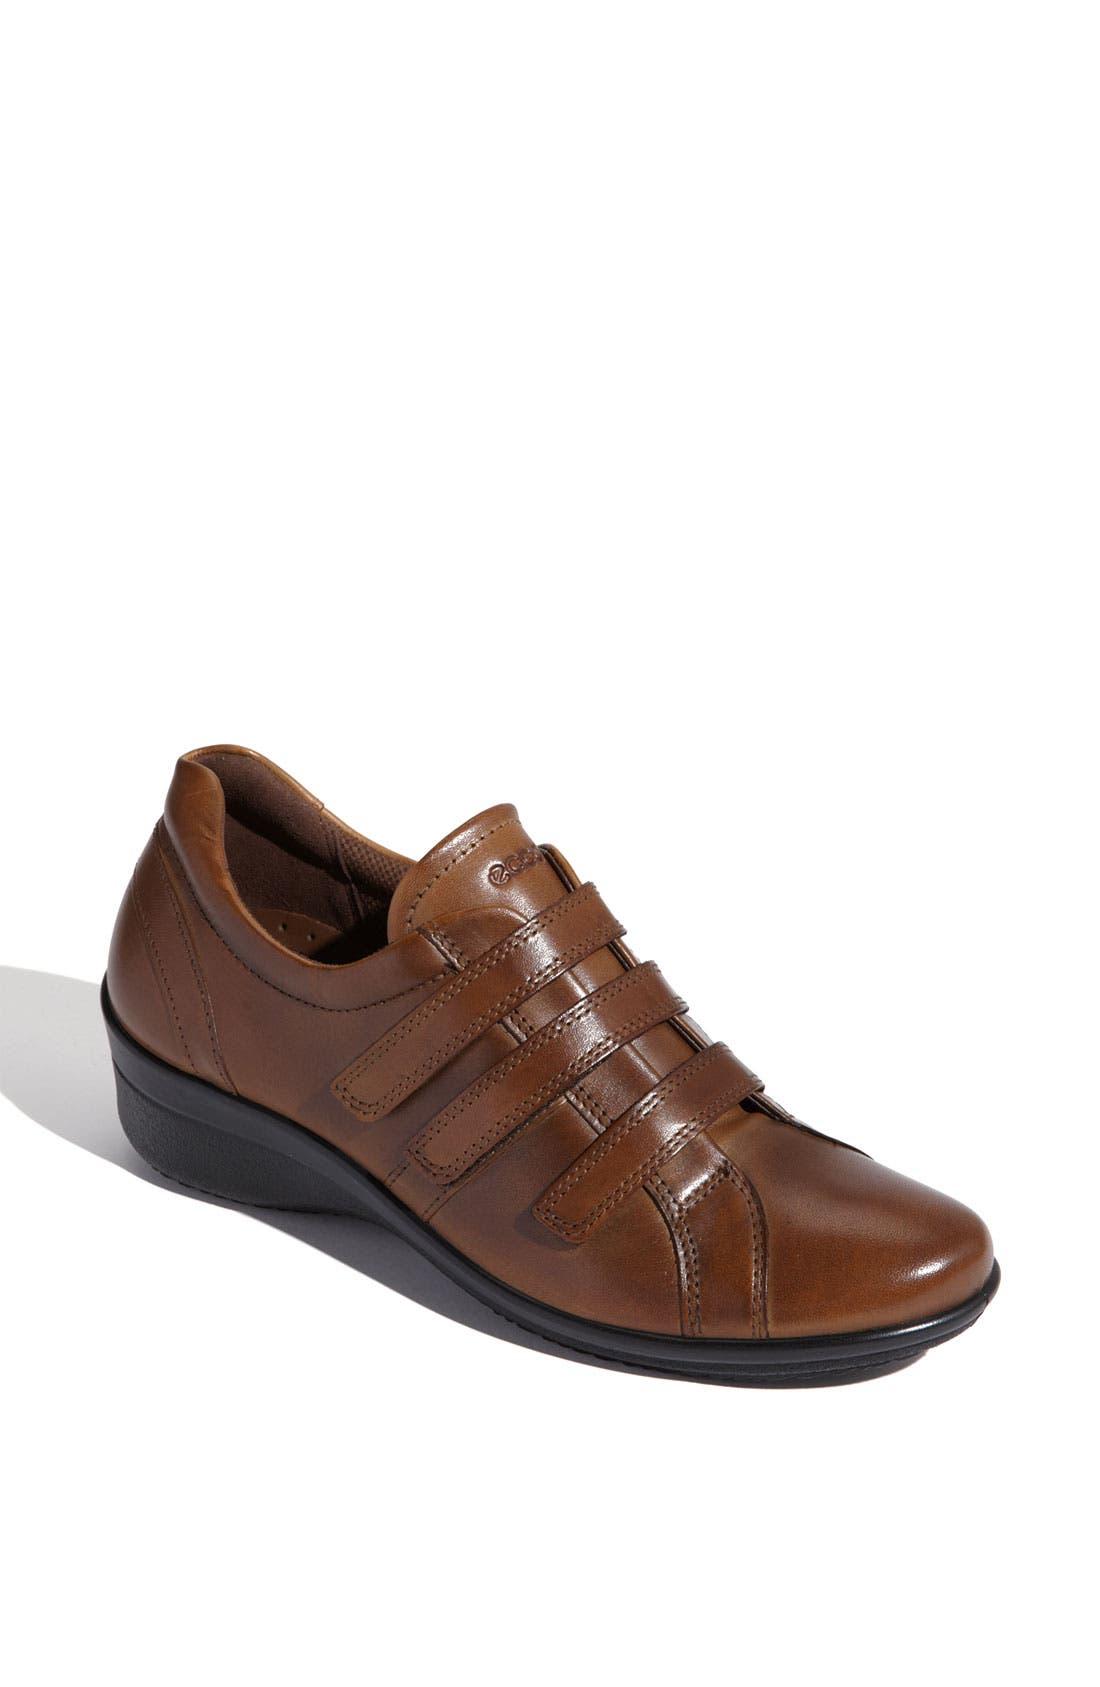 Main Image - ECCO 'Corse 3' Shoe